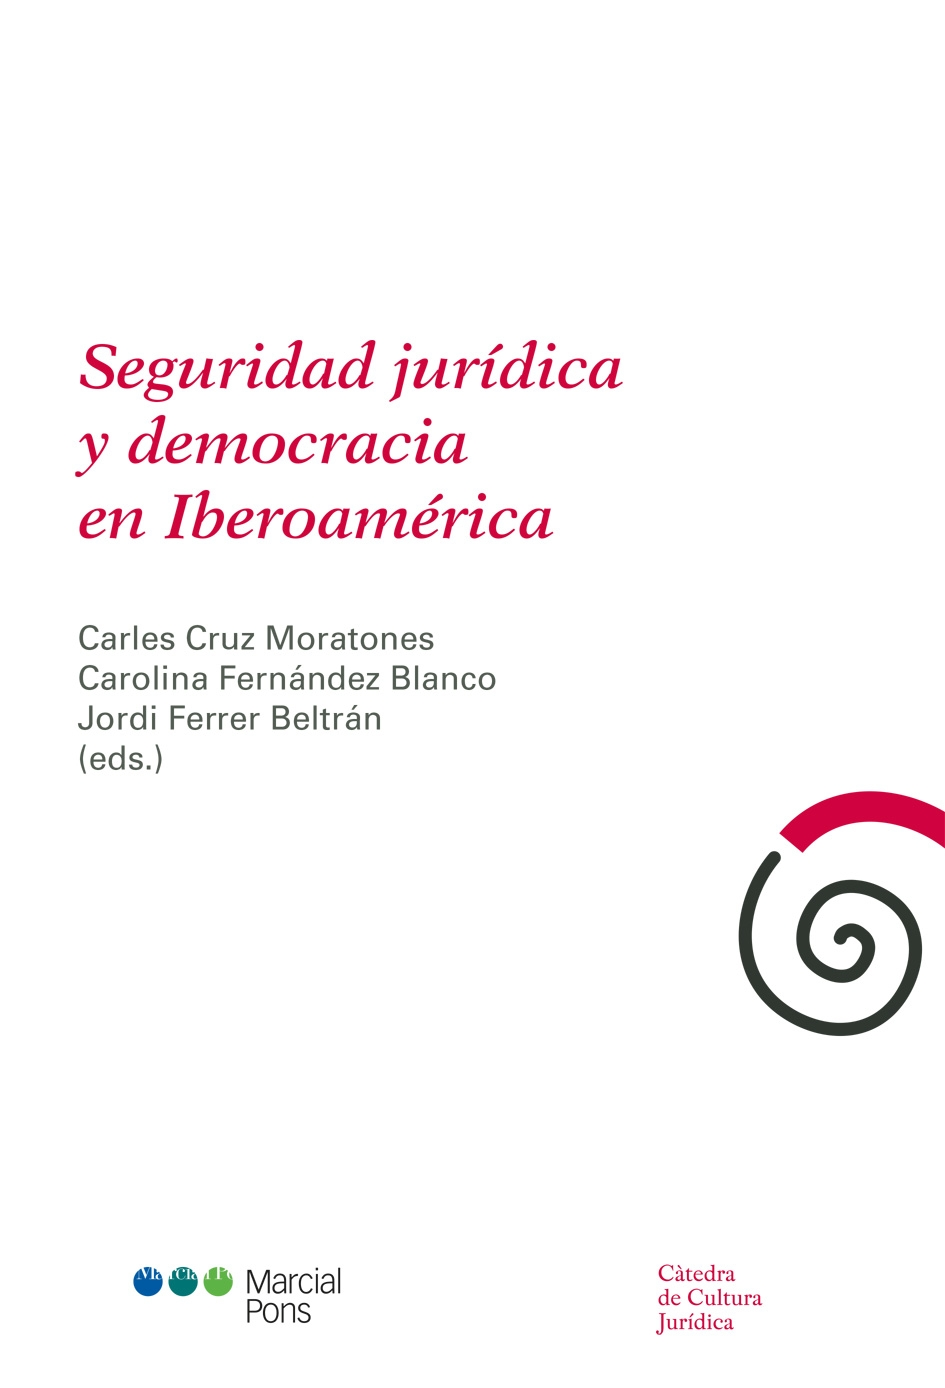 SEGURIDAD JURÍDICA Y DEMOCRACIA EN IBEROAMÉRICA.